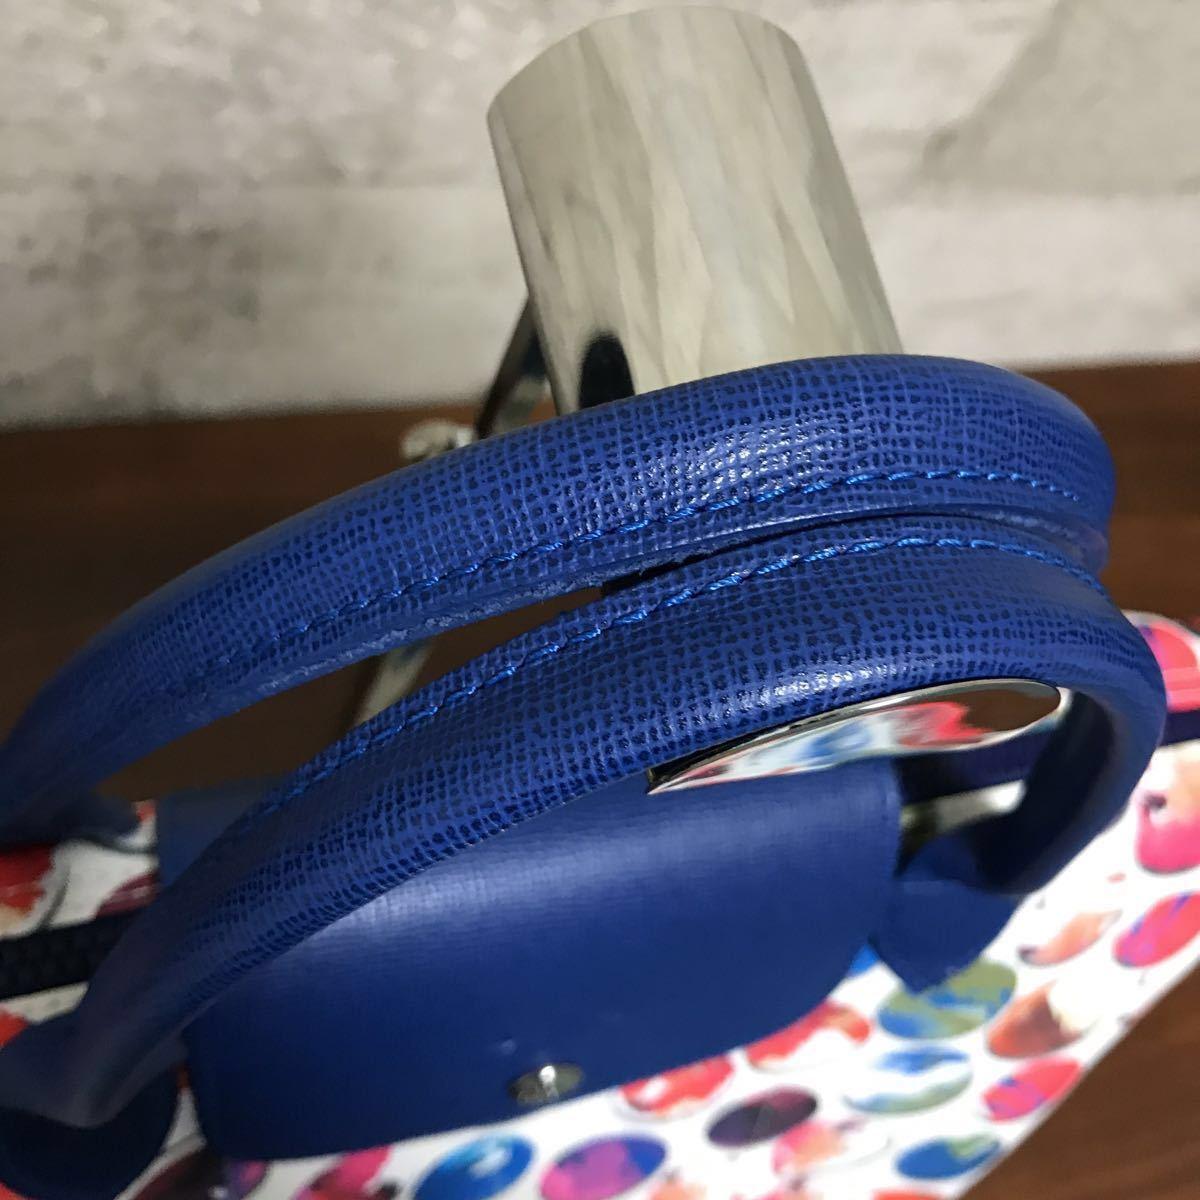 新品同様 LONGCHAMP ロンシャン バッグ ル プリアージュ ネオ トートバッグ 斜めがけ レディース ナイロン スクエア型 トートバッグ_画像5